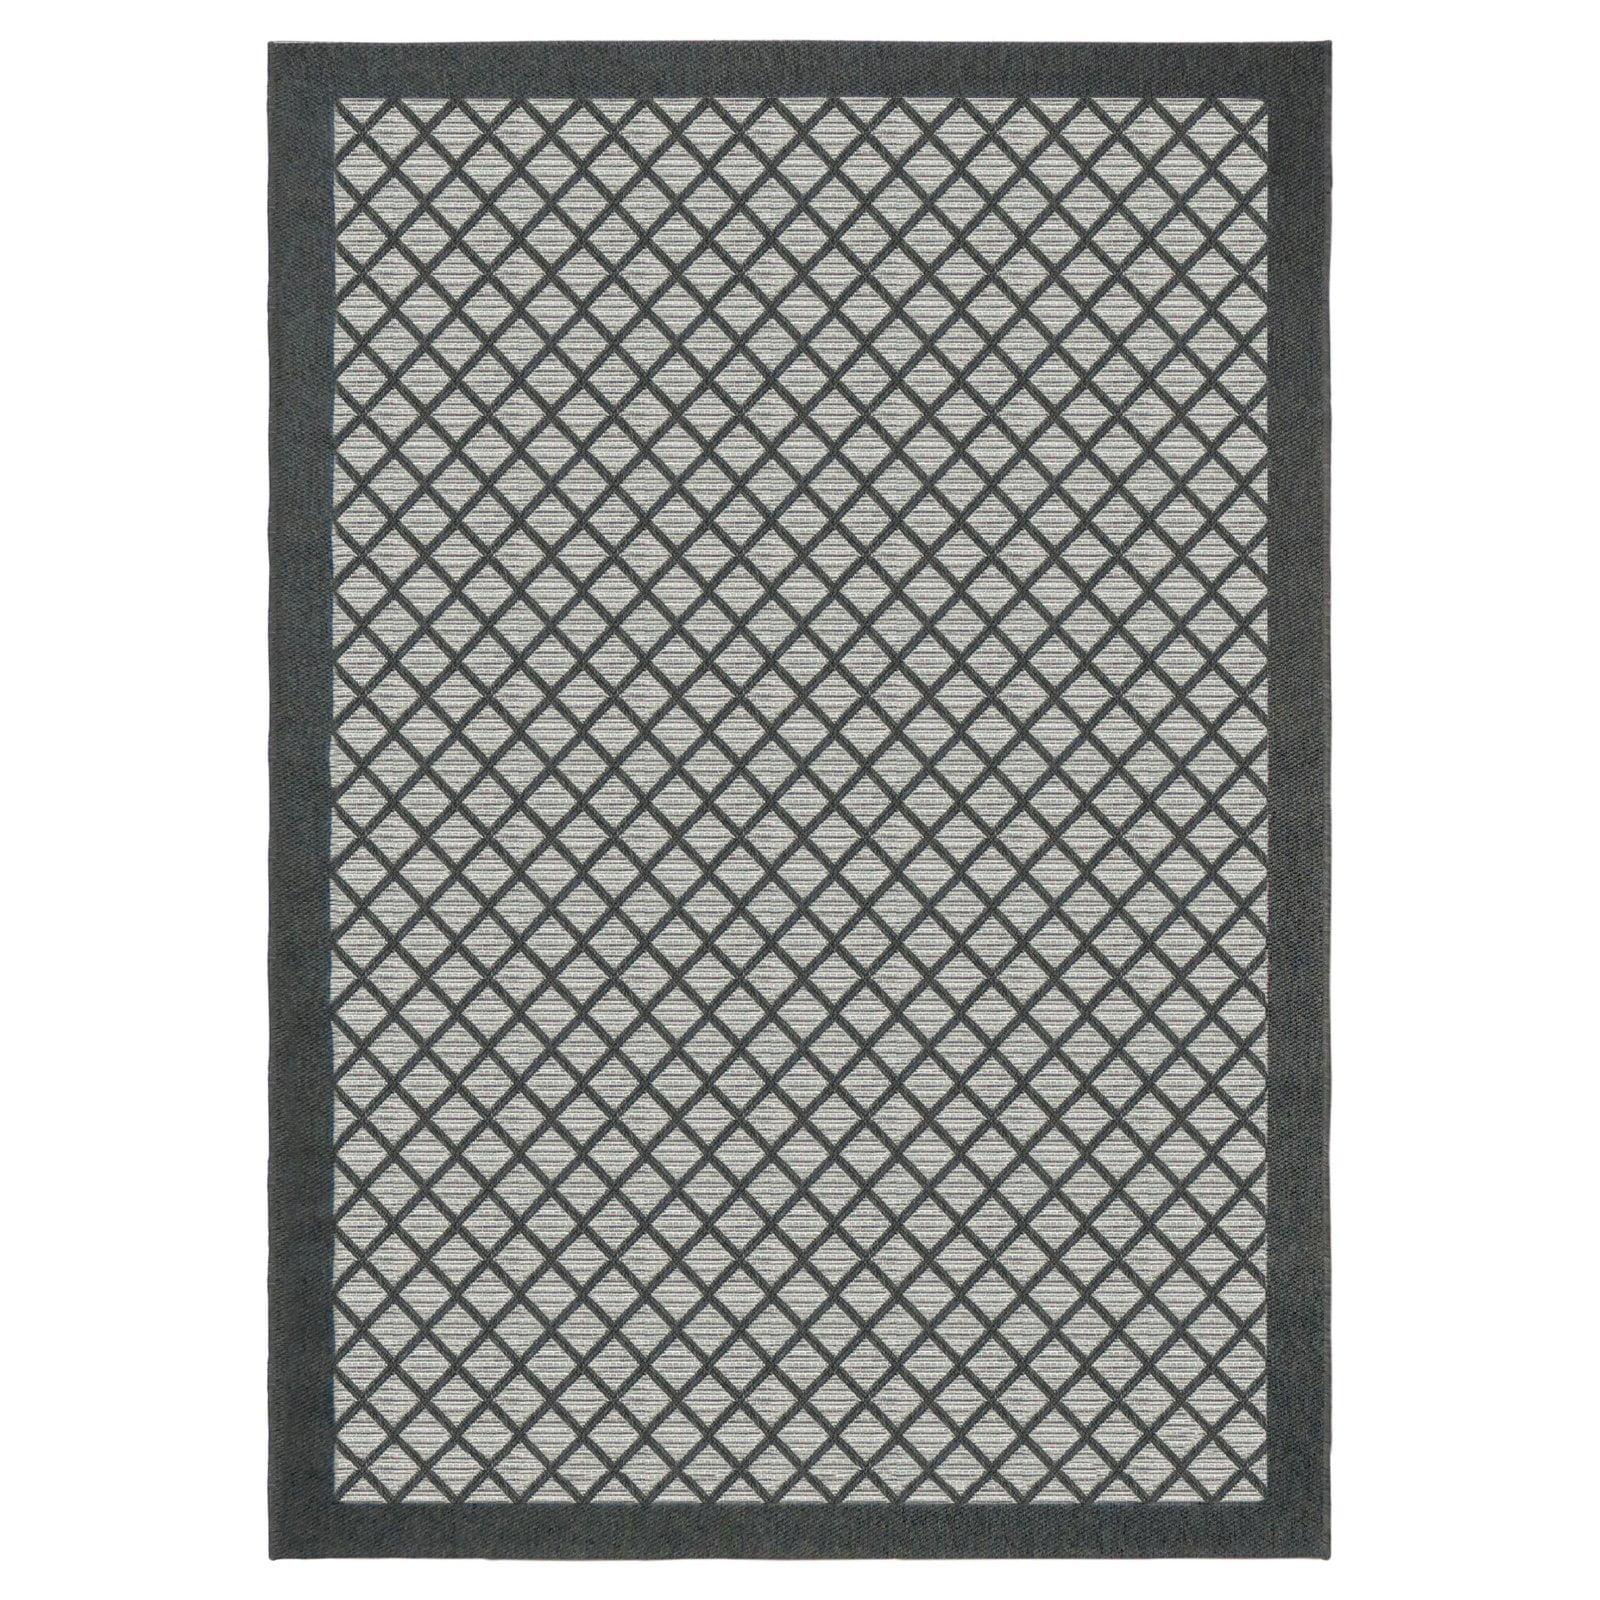 Orian Rugs Indoor/Outdoor Squares Fusion Trellis Area Rug